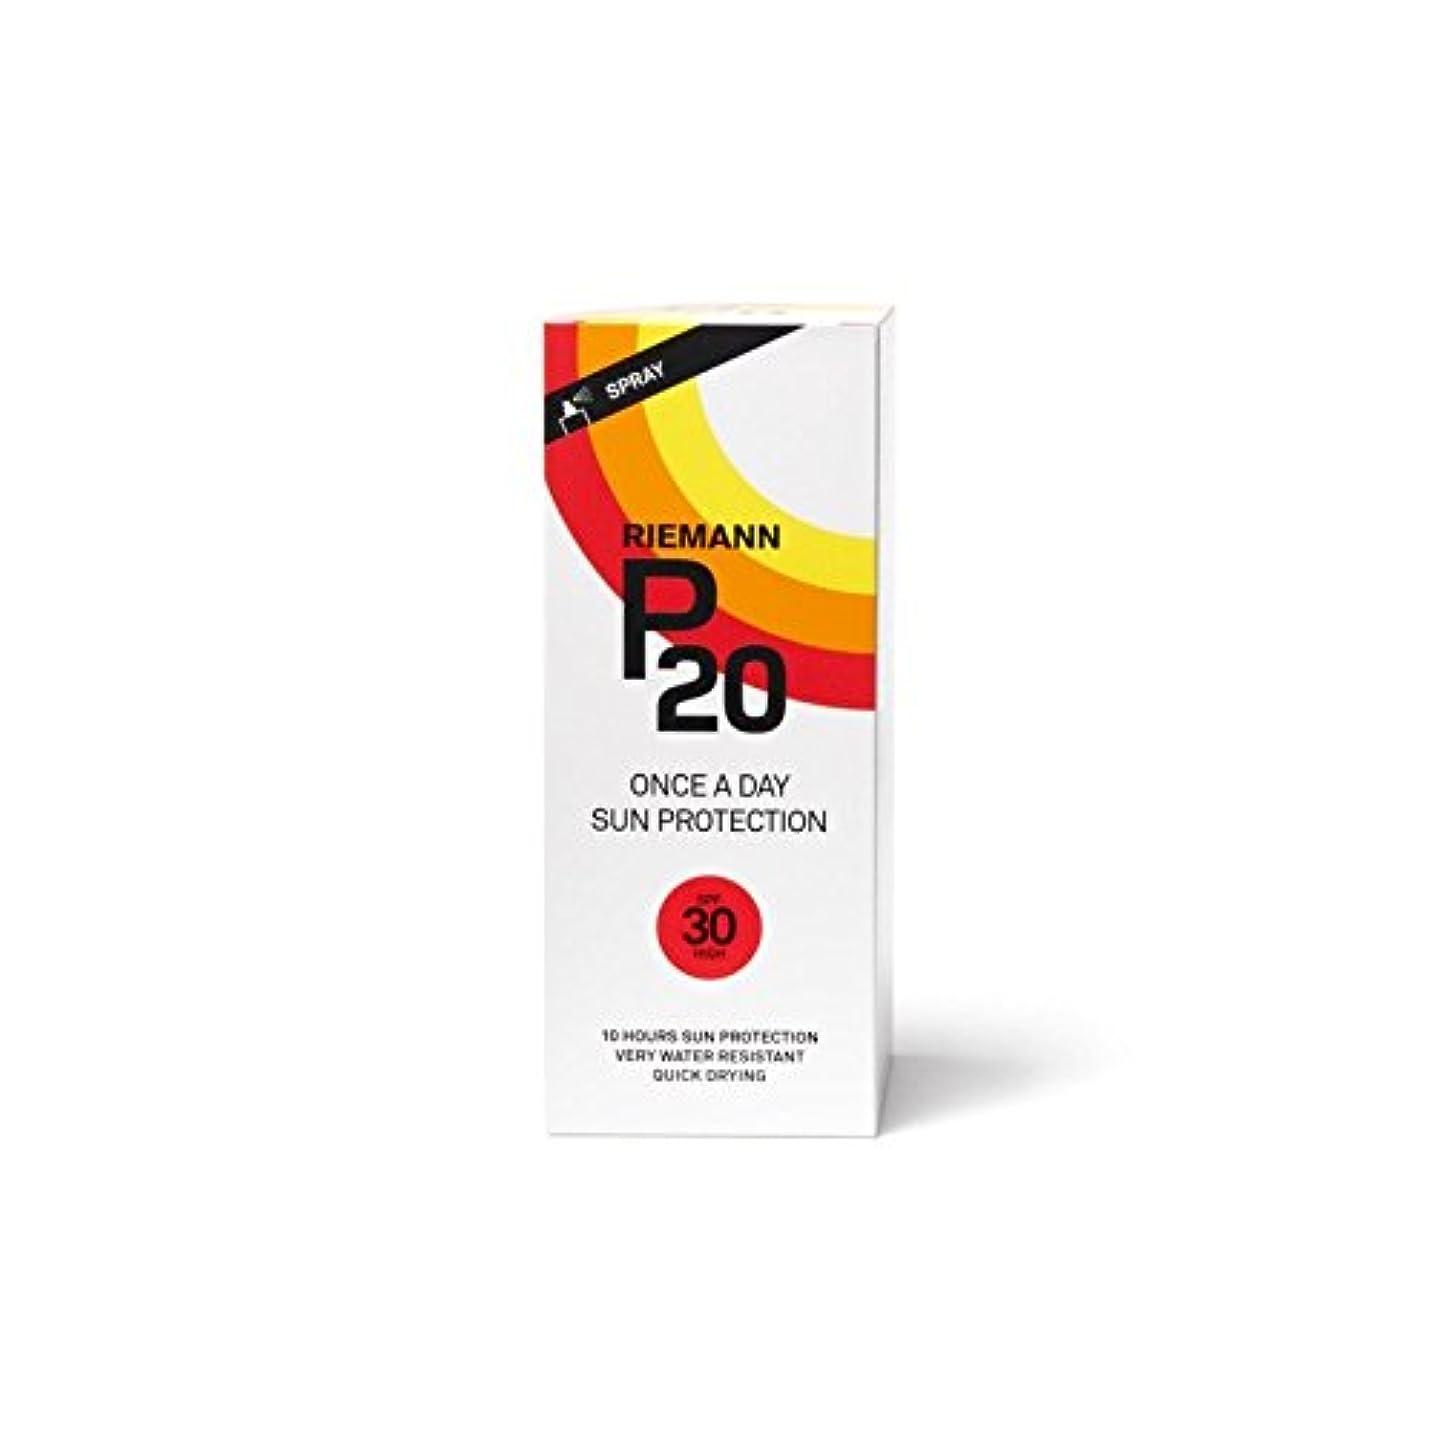 アクセシブルパラシュートヘリコプターRiemann P20 Sun Filter 200ml SPF30 (Pack of 6) - リーマン20のサンフィルター200ミリリットル30 x6 [並行輸入品]